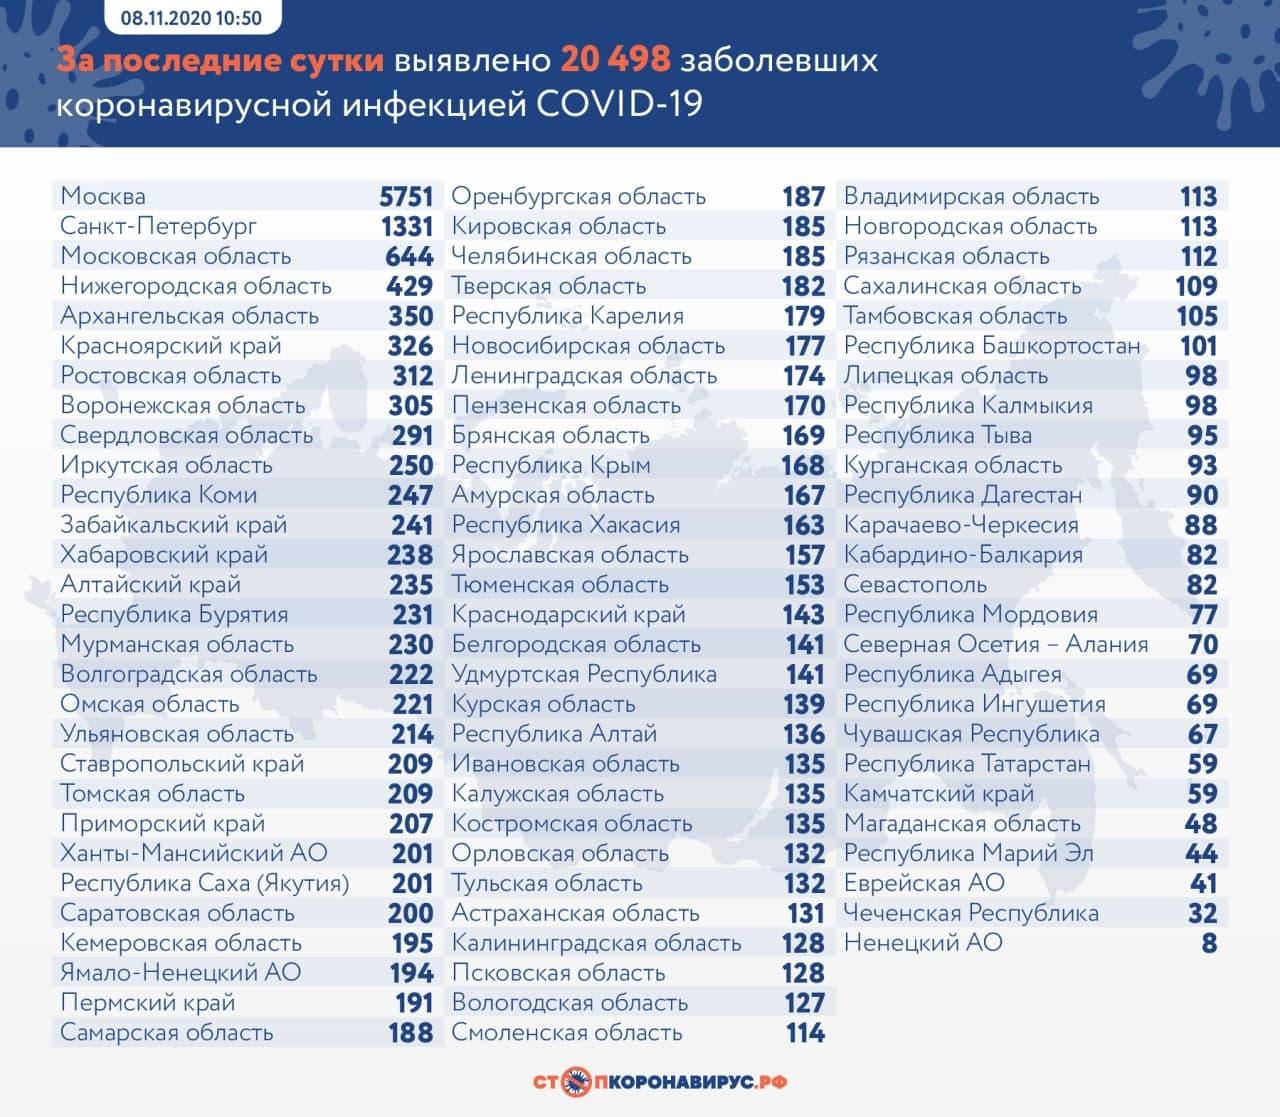 Третий день прирост по COVID-19 в России превышает 20 тысяч пациентов